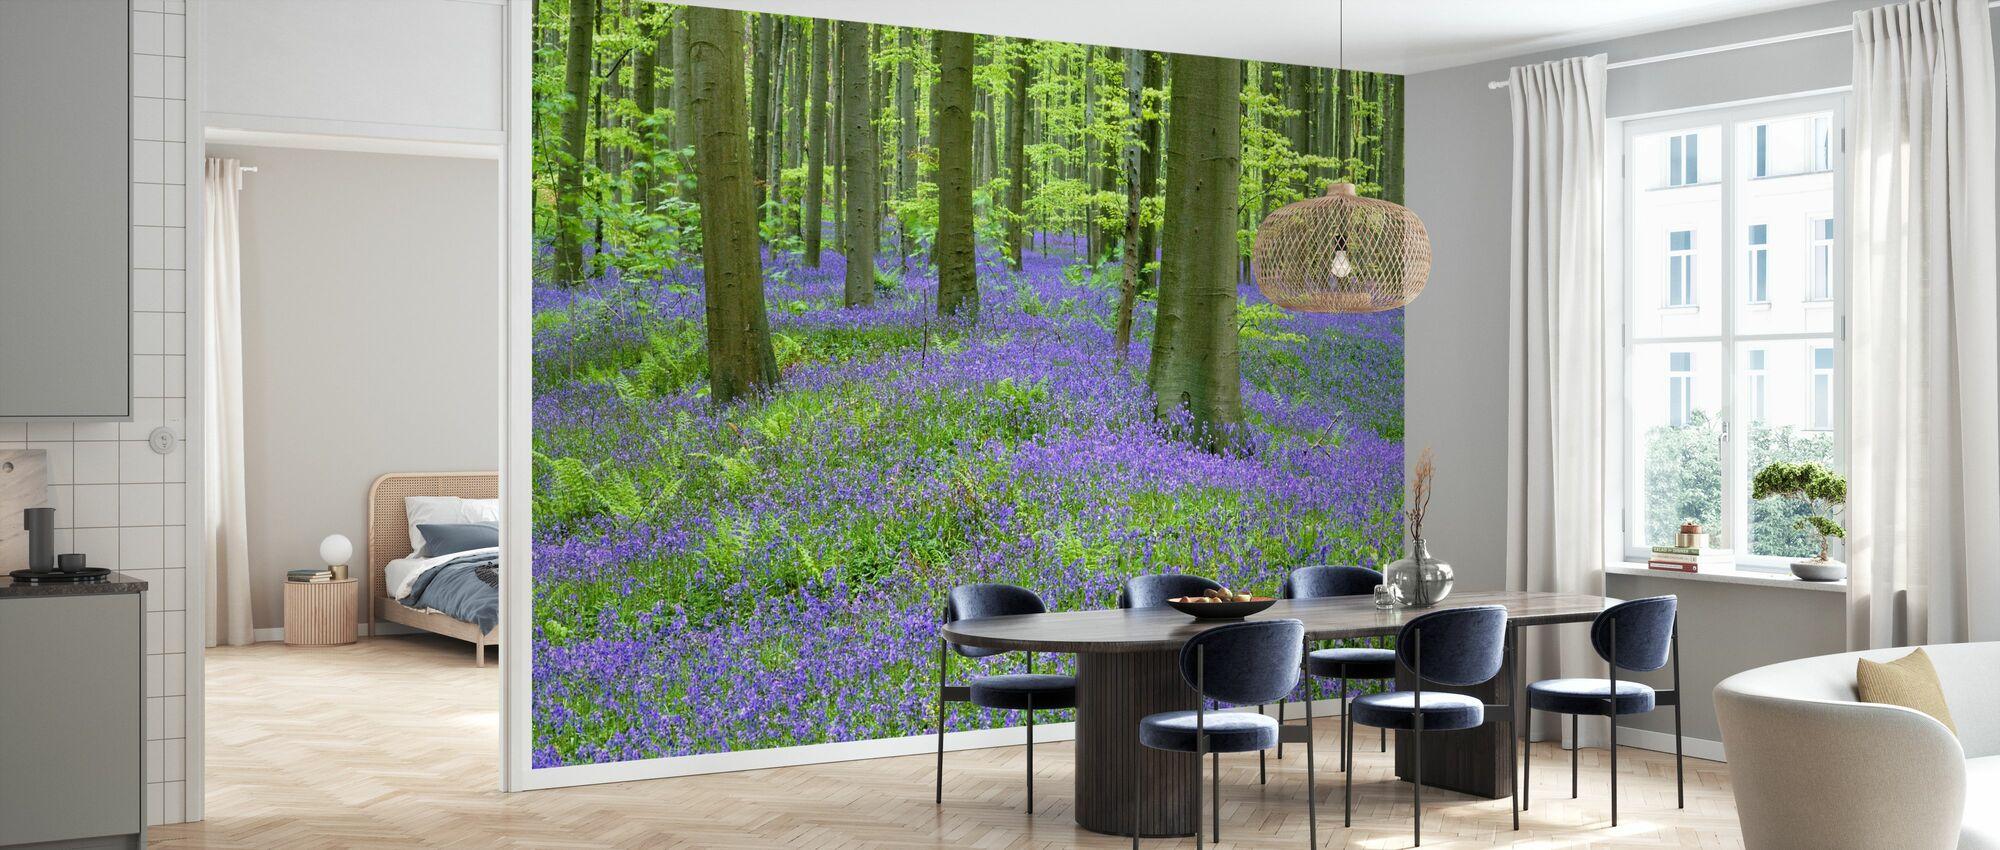 Bluebells Wallpaper - Wallpaper - Kitchen